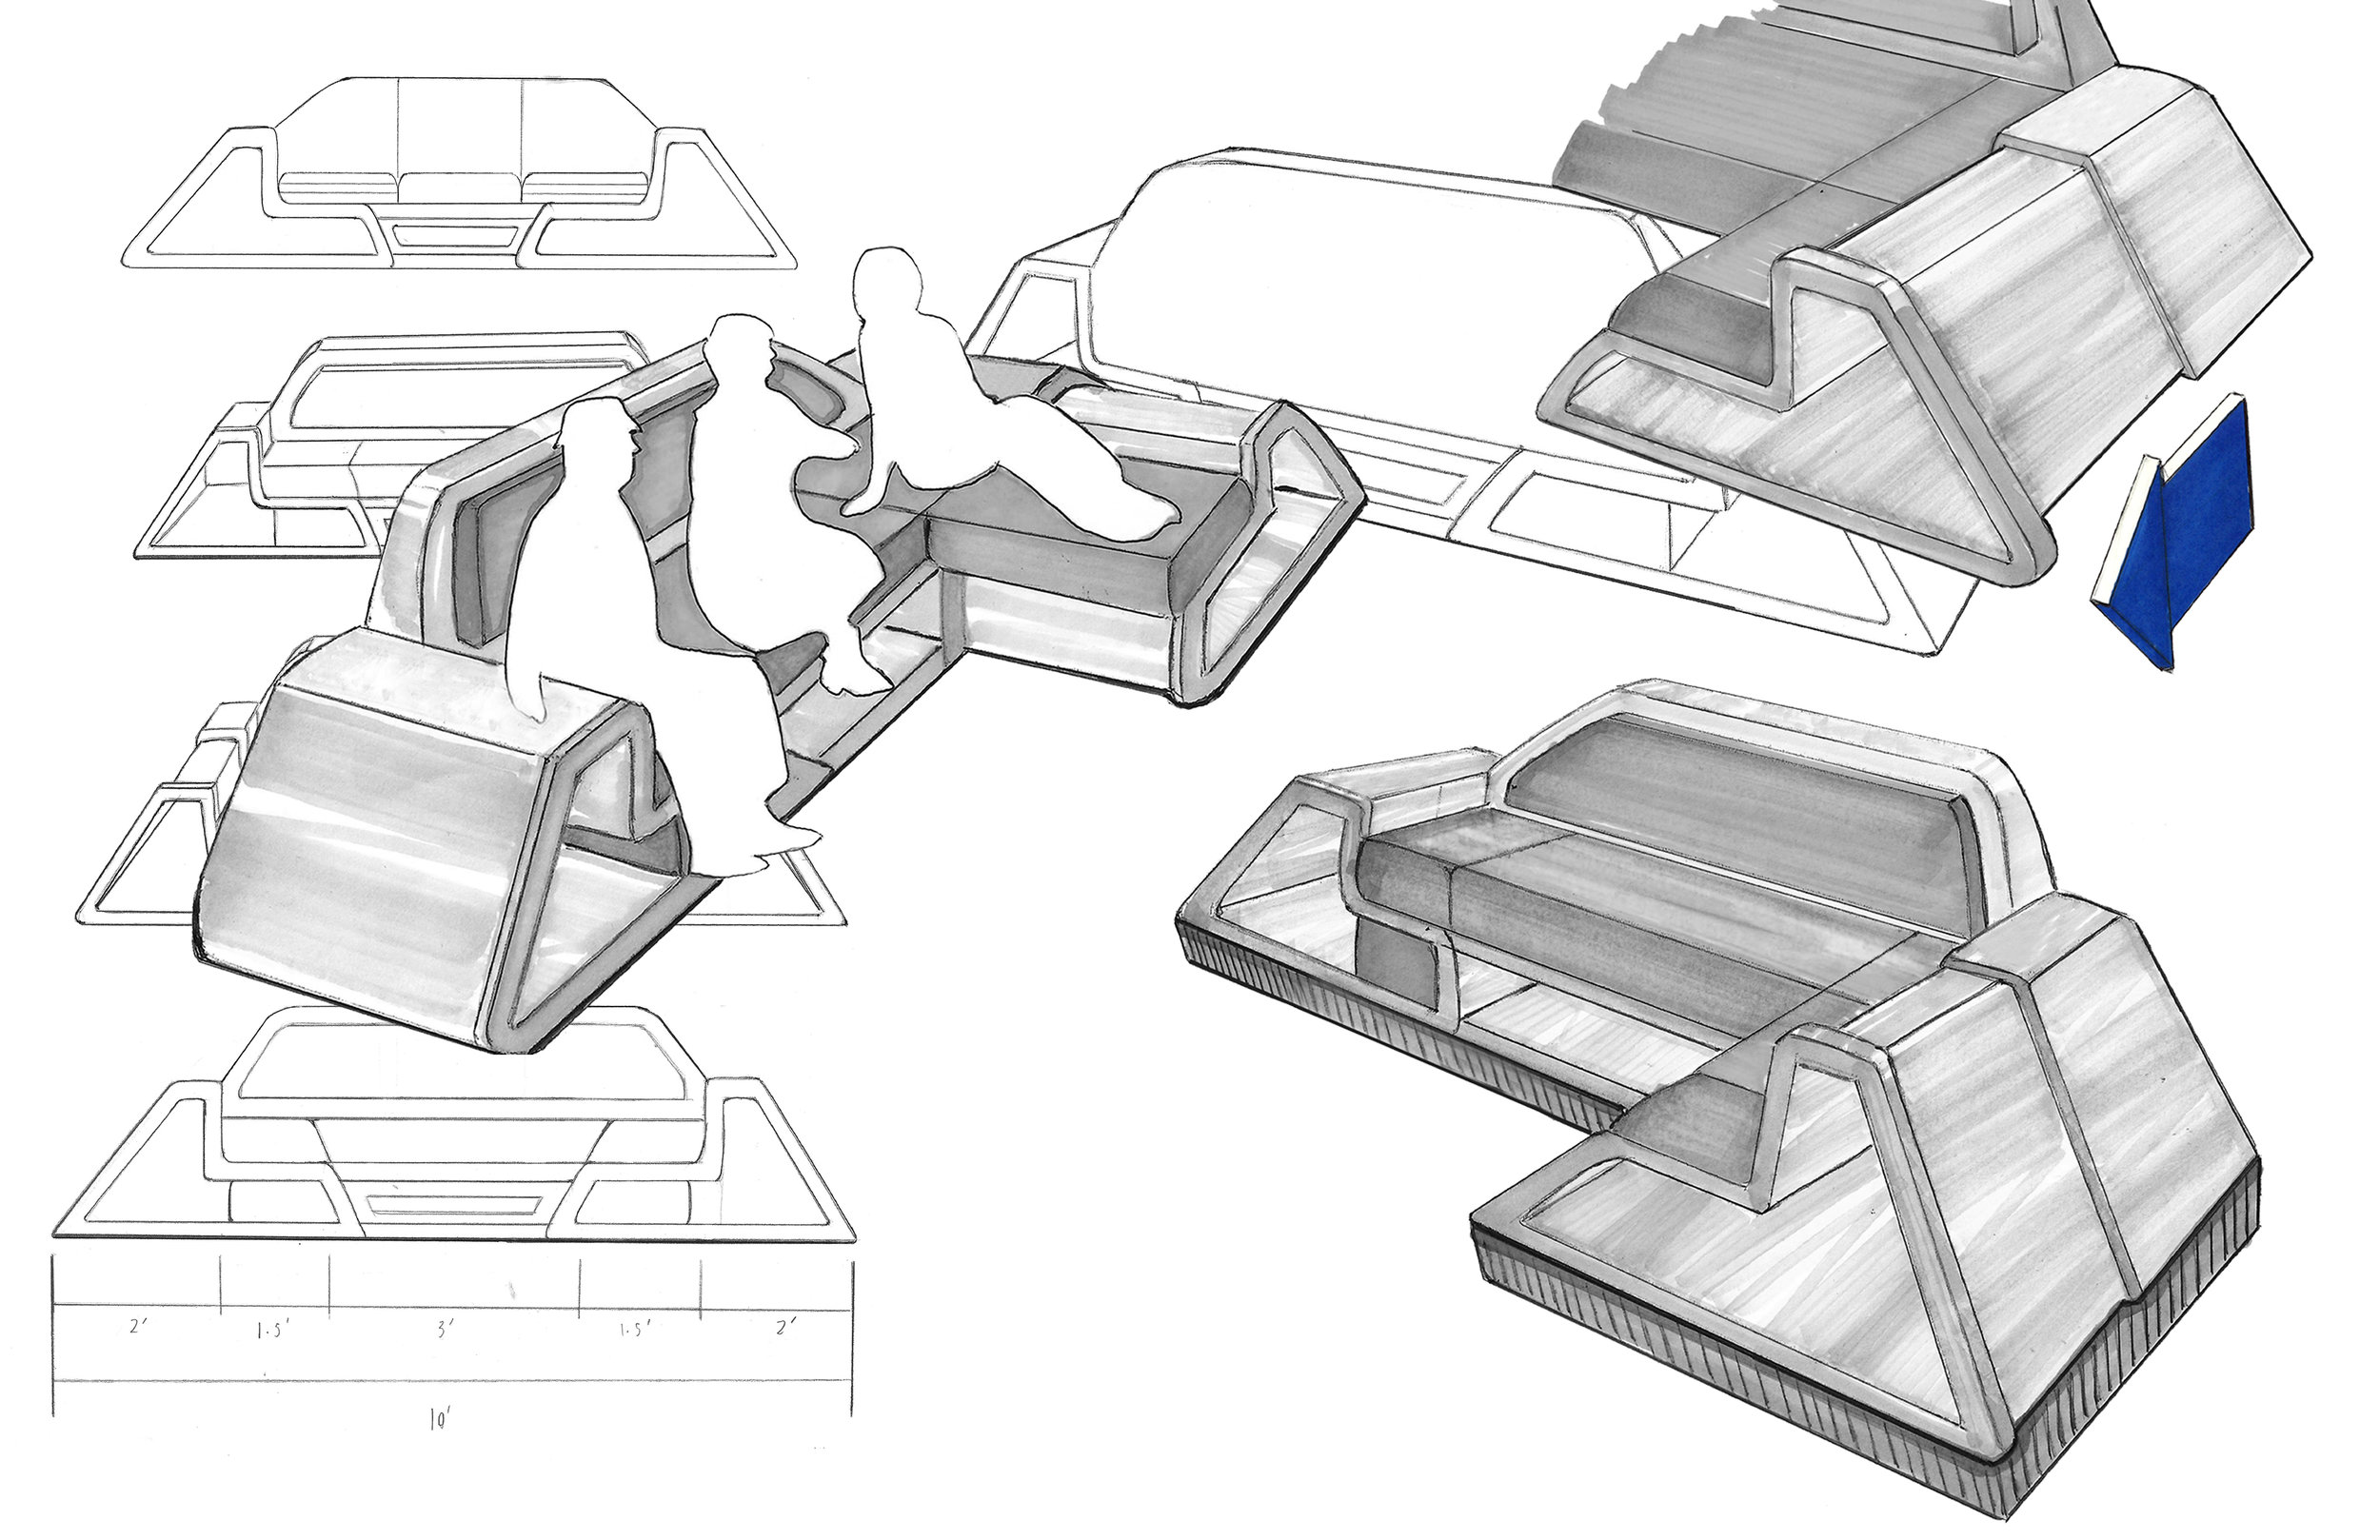 Xtendo Lounger Ideation Board 1 copy.jpg